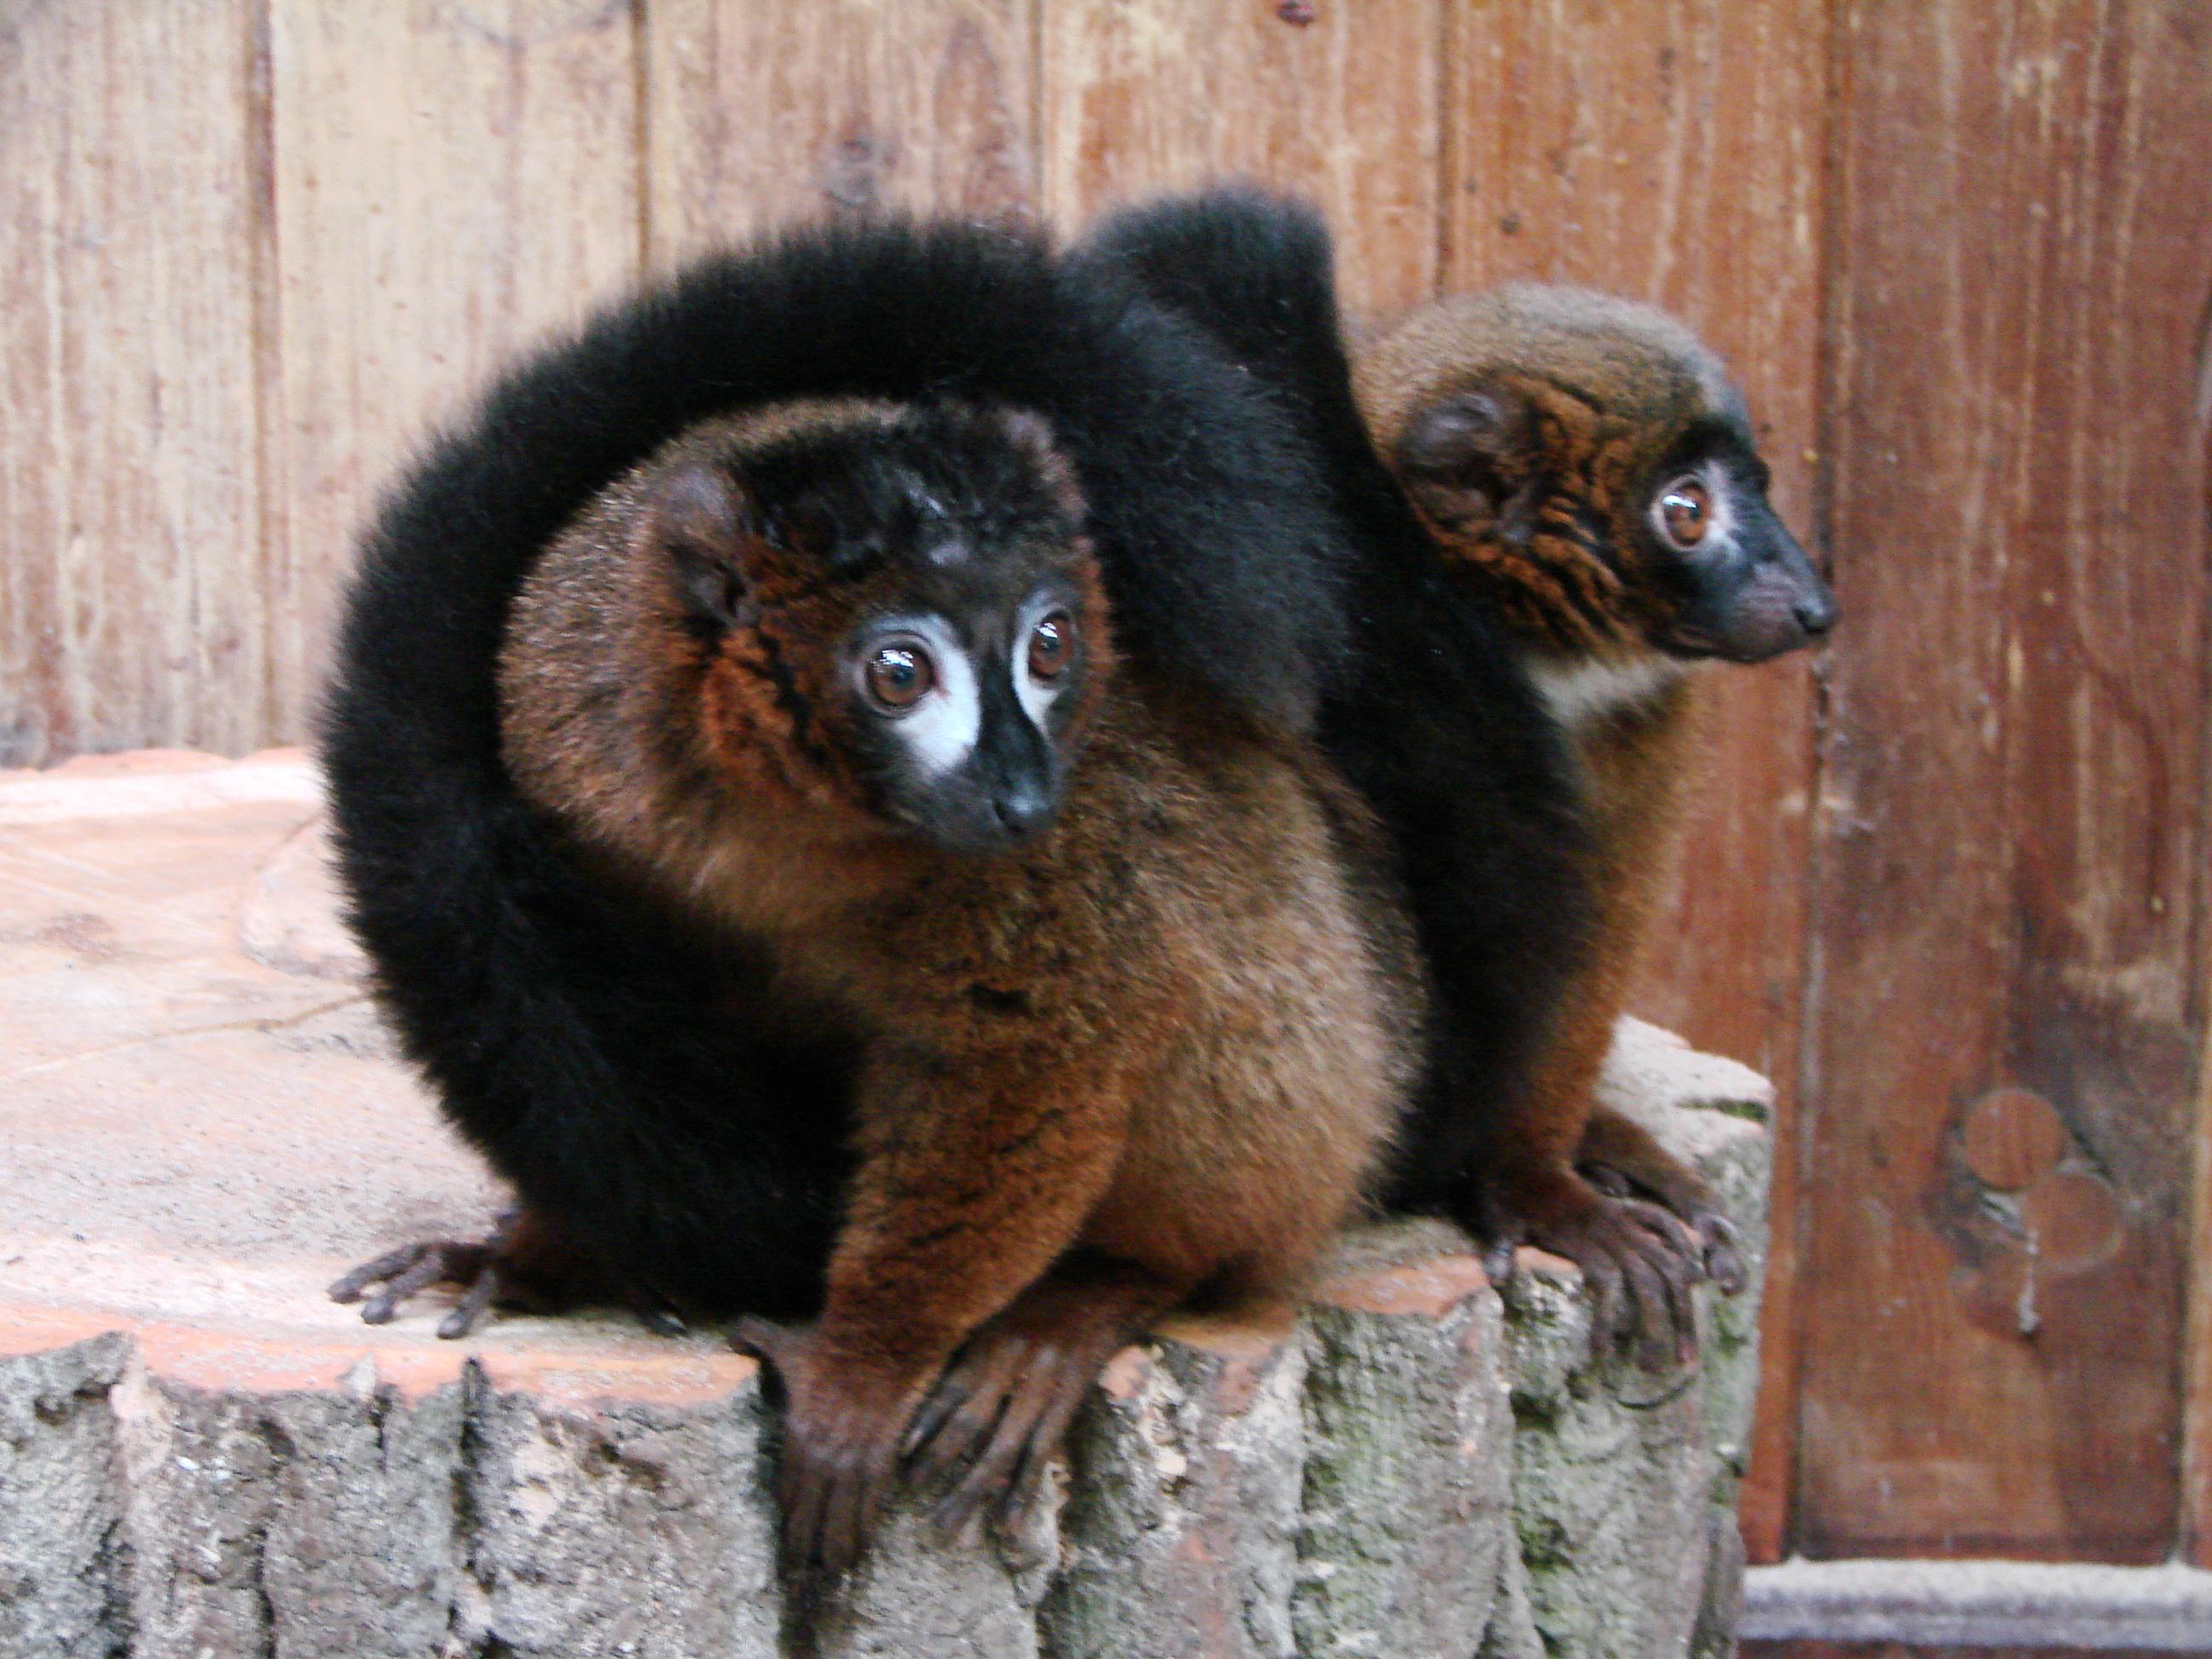 ピグミーネズミキツネザル - Pygmy mouse lemurForgot Password